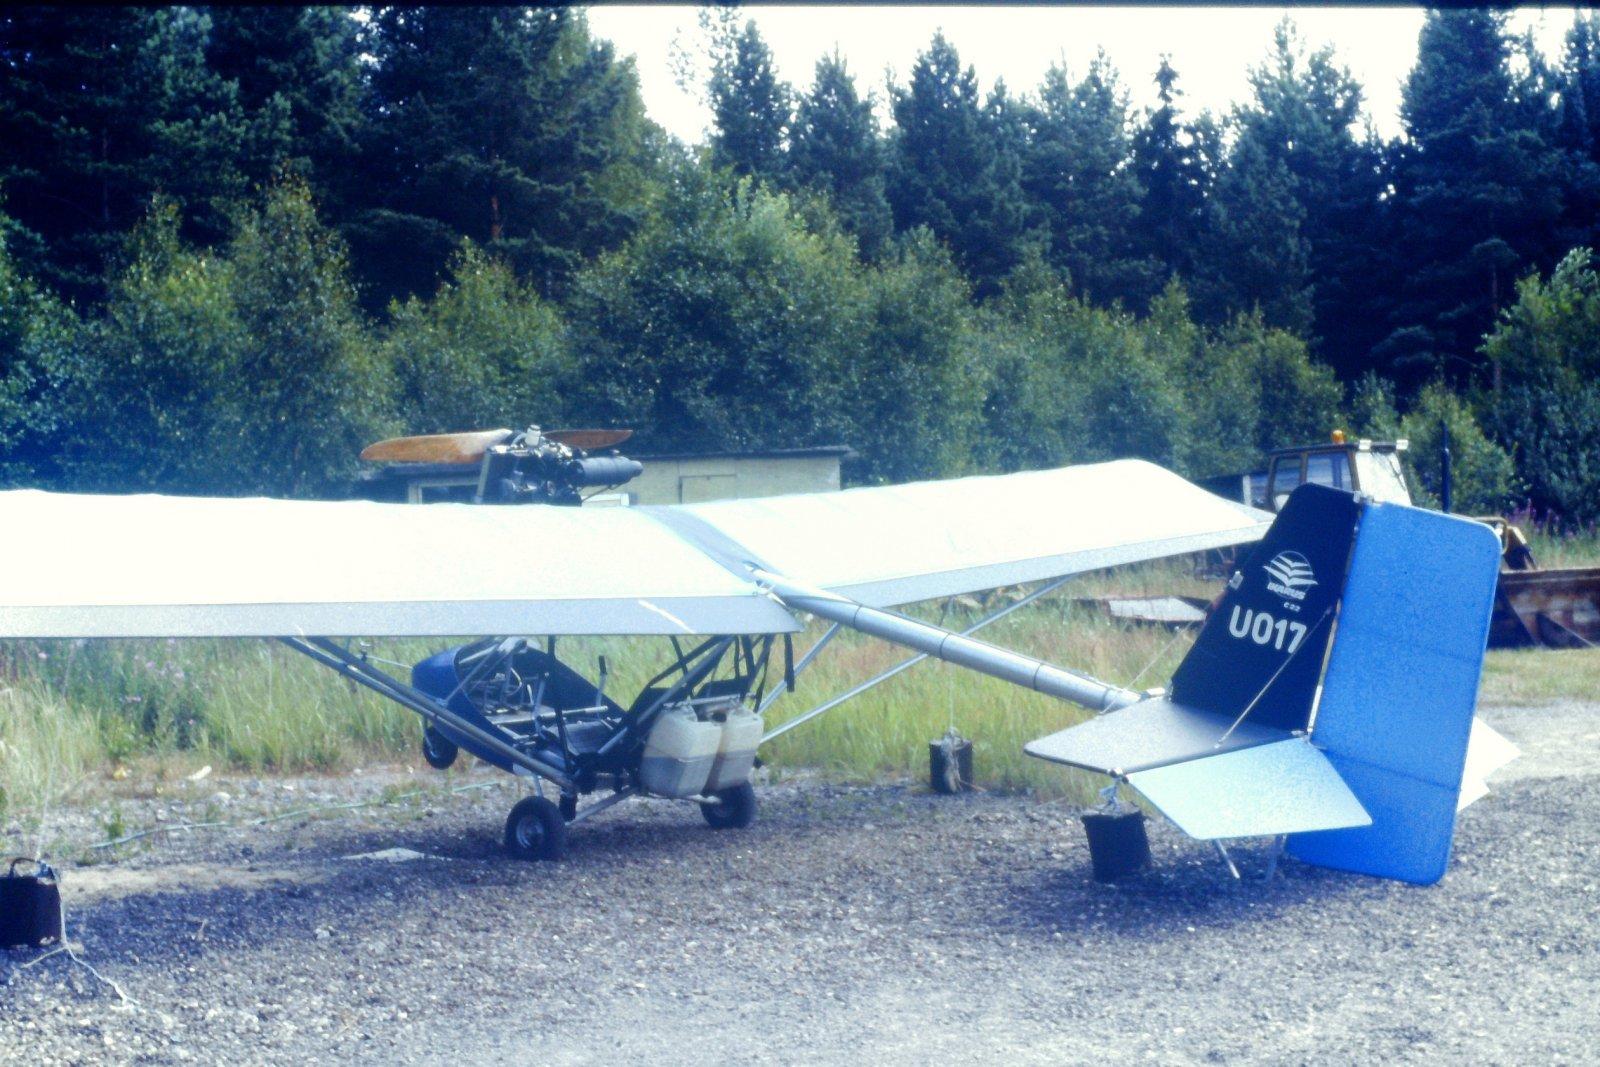 Comco Ikarus C22 OH-U017 EFHN 1989